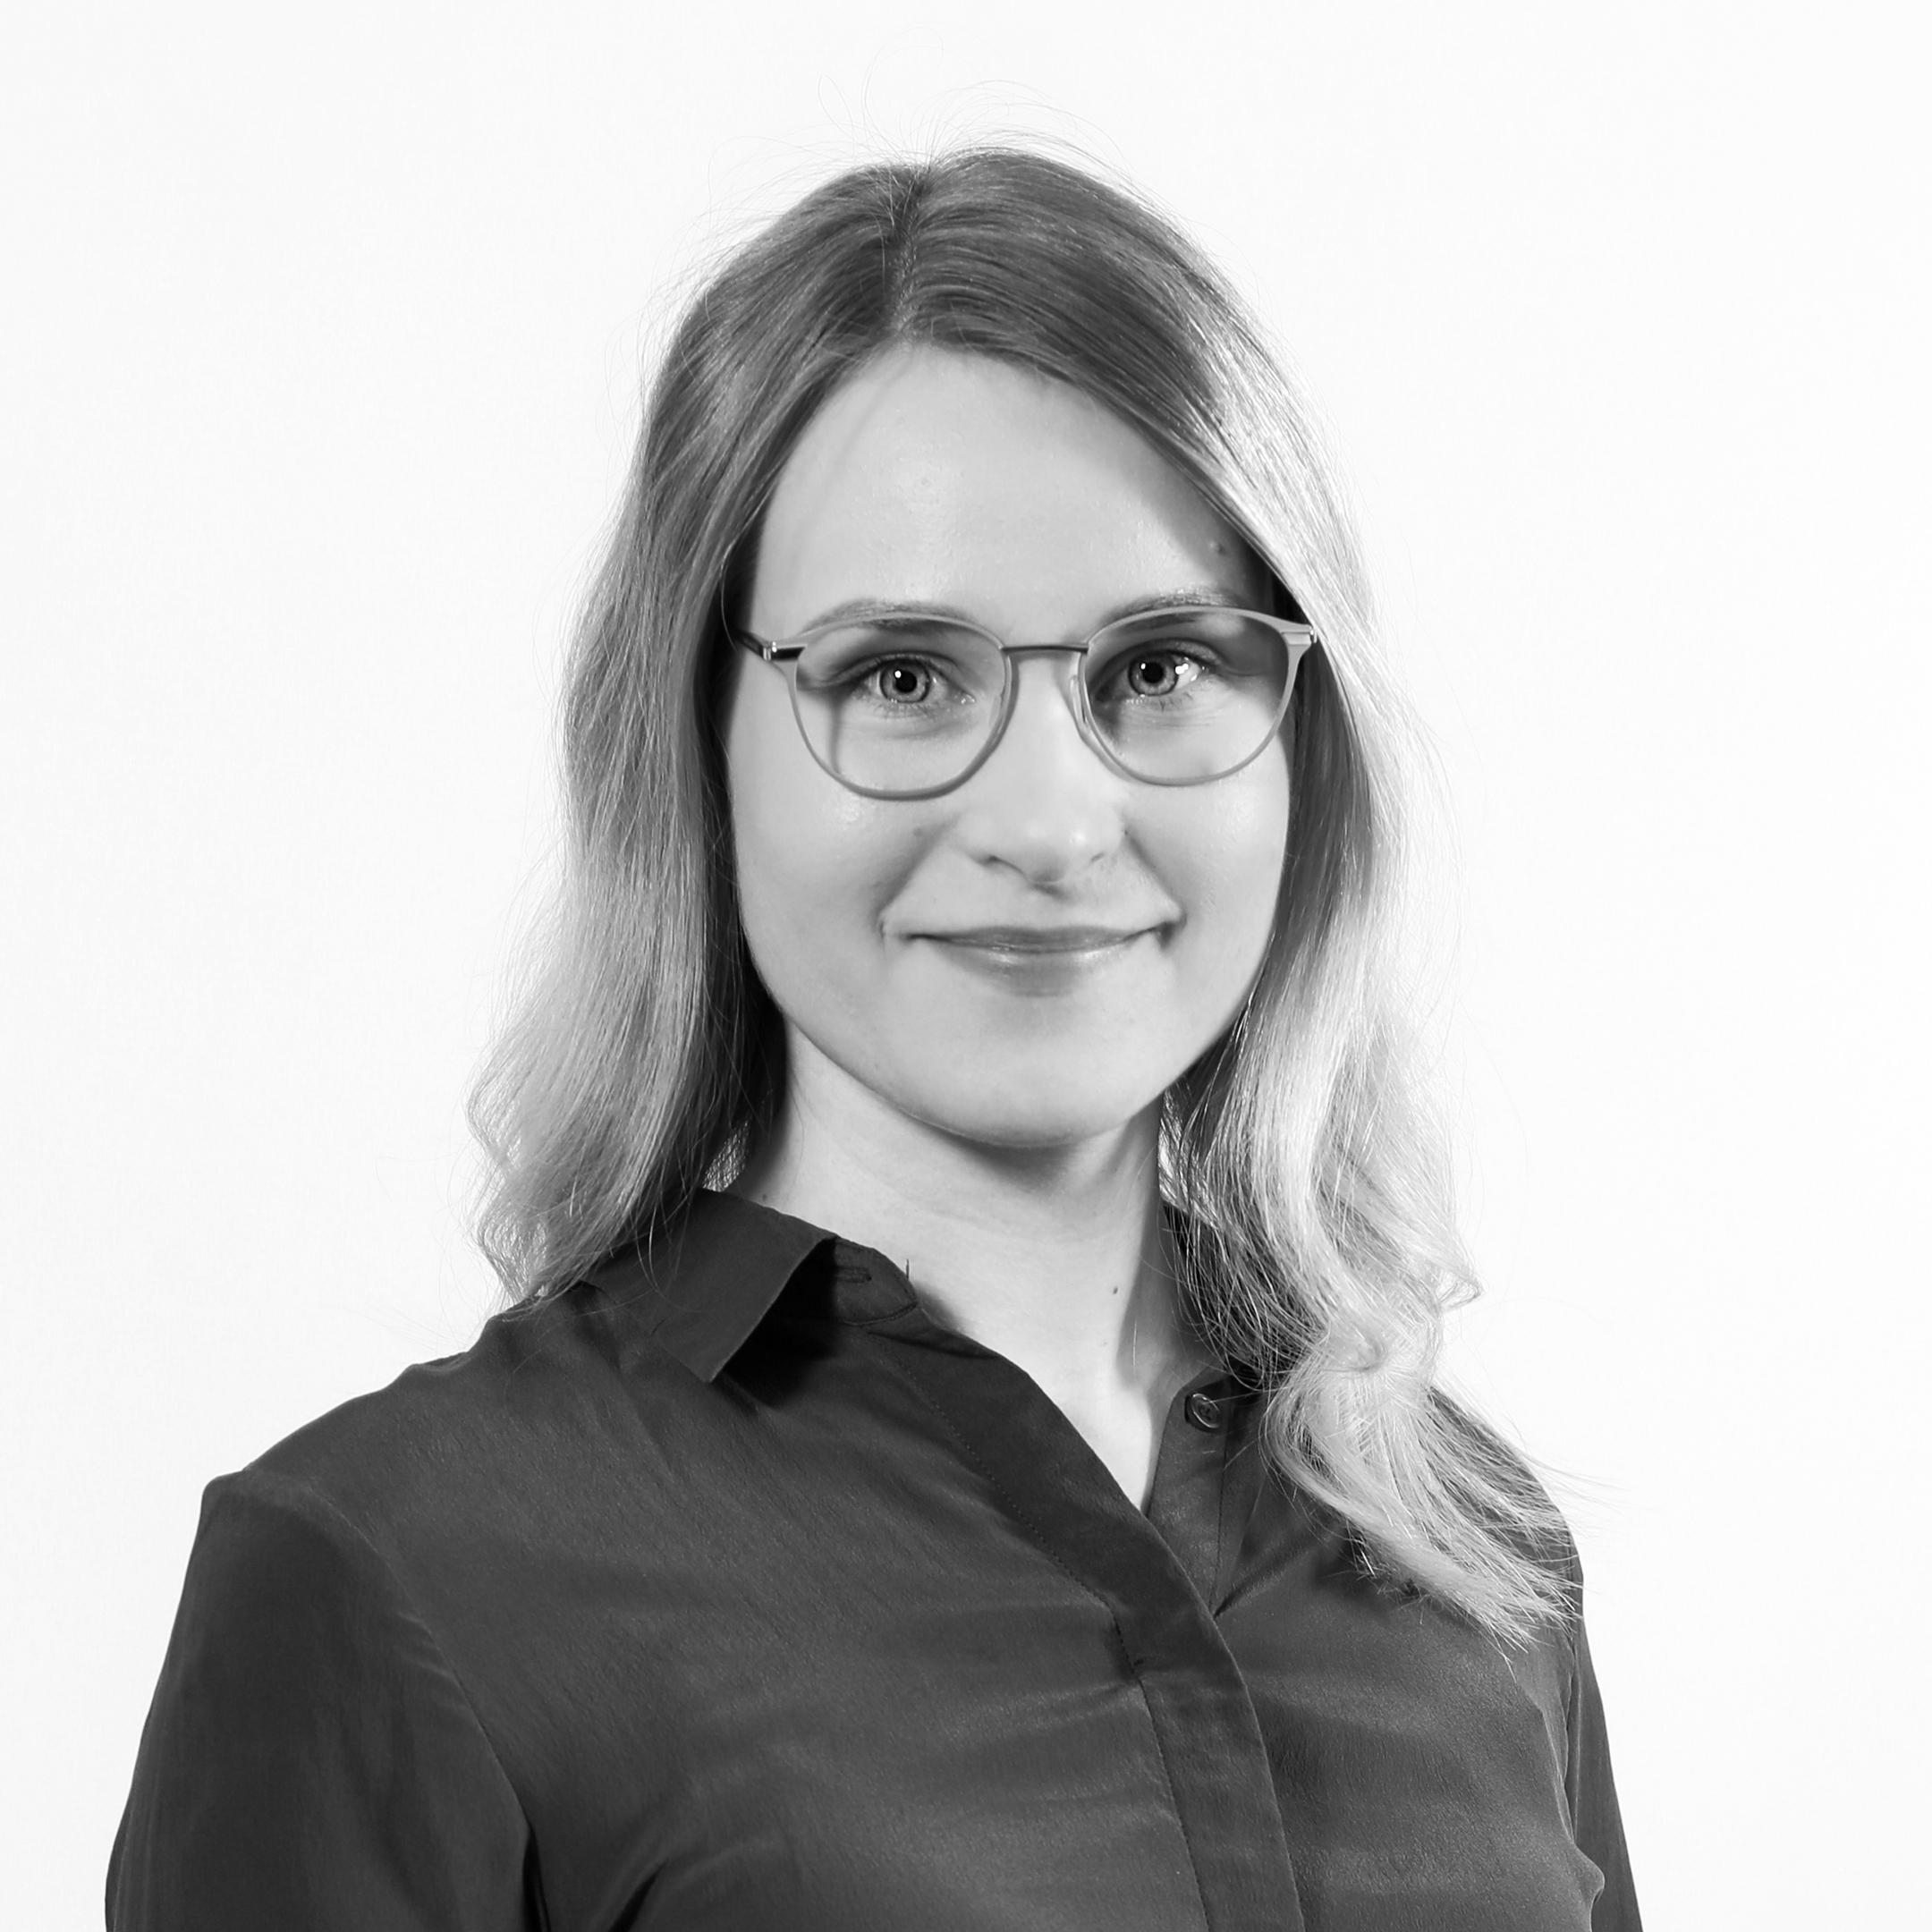 Etelä-Pohjanman liiton henkilöstö: Milla Mikkola.